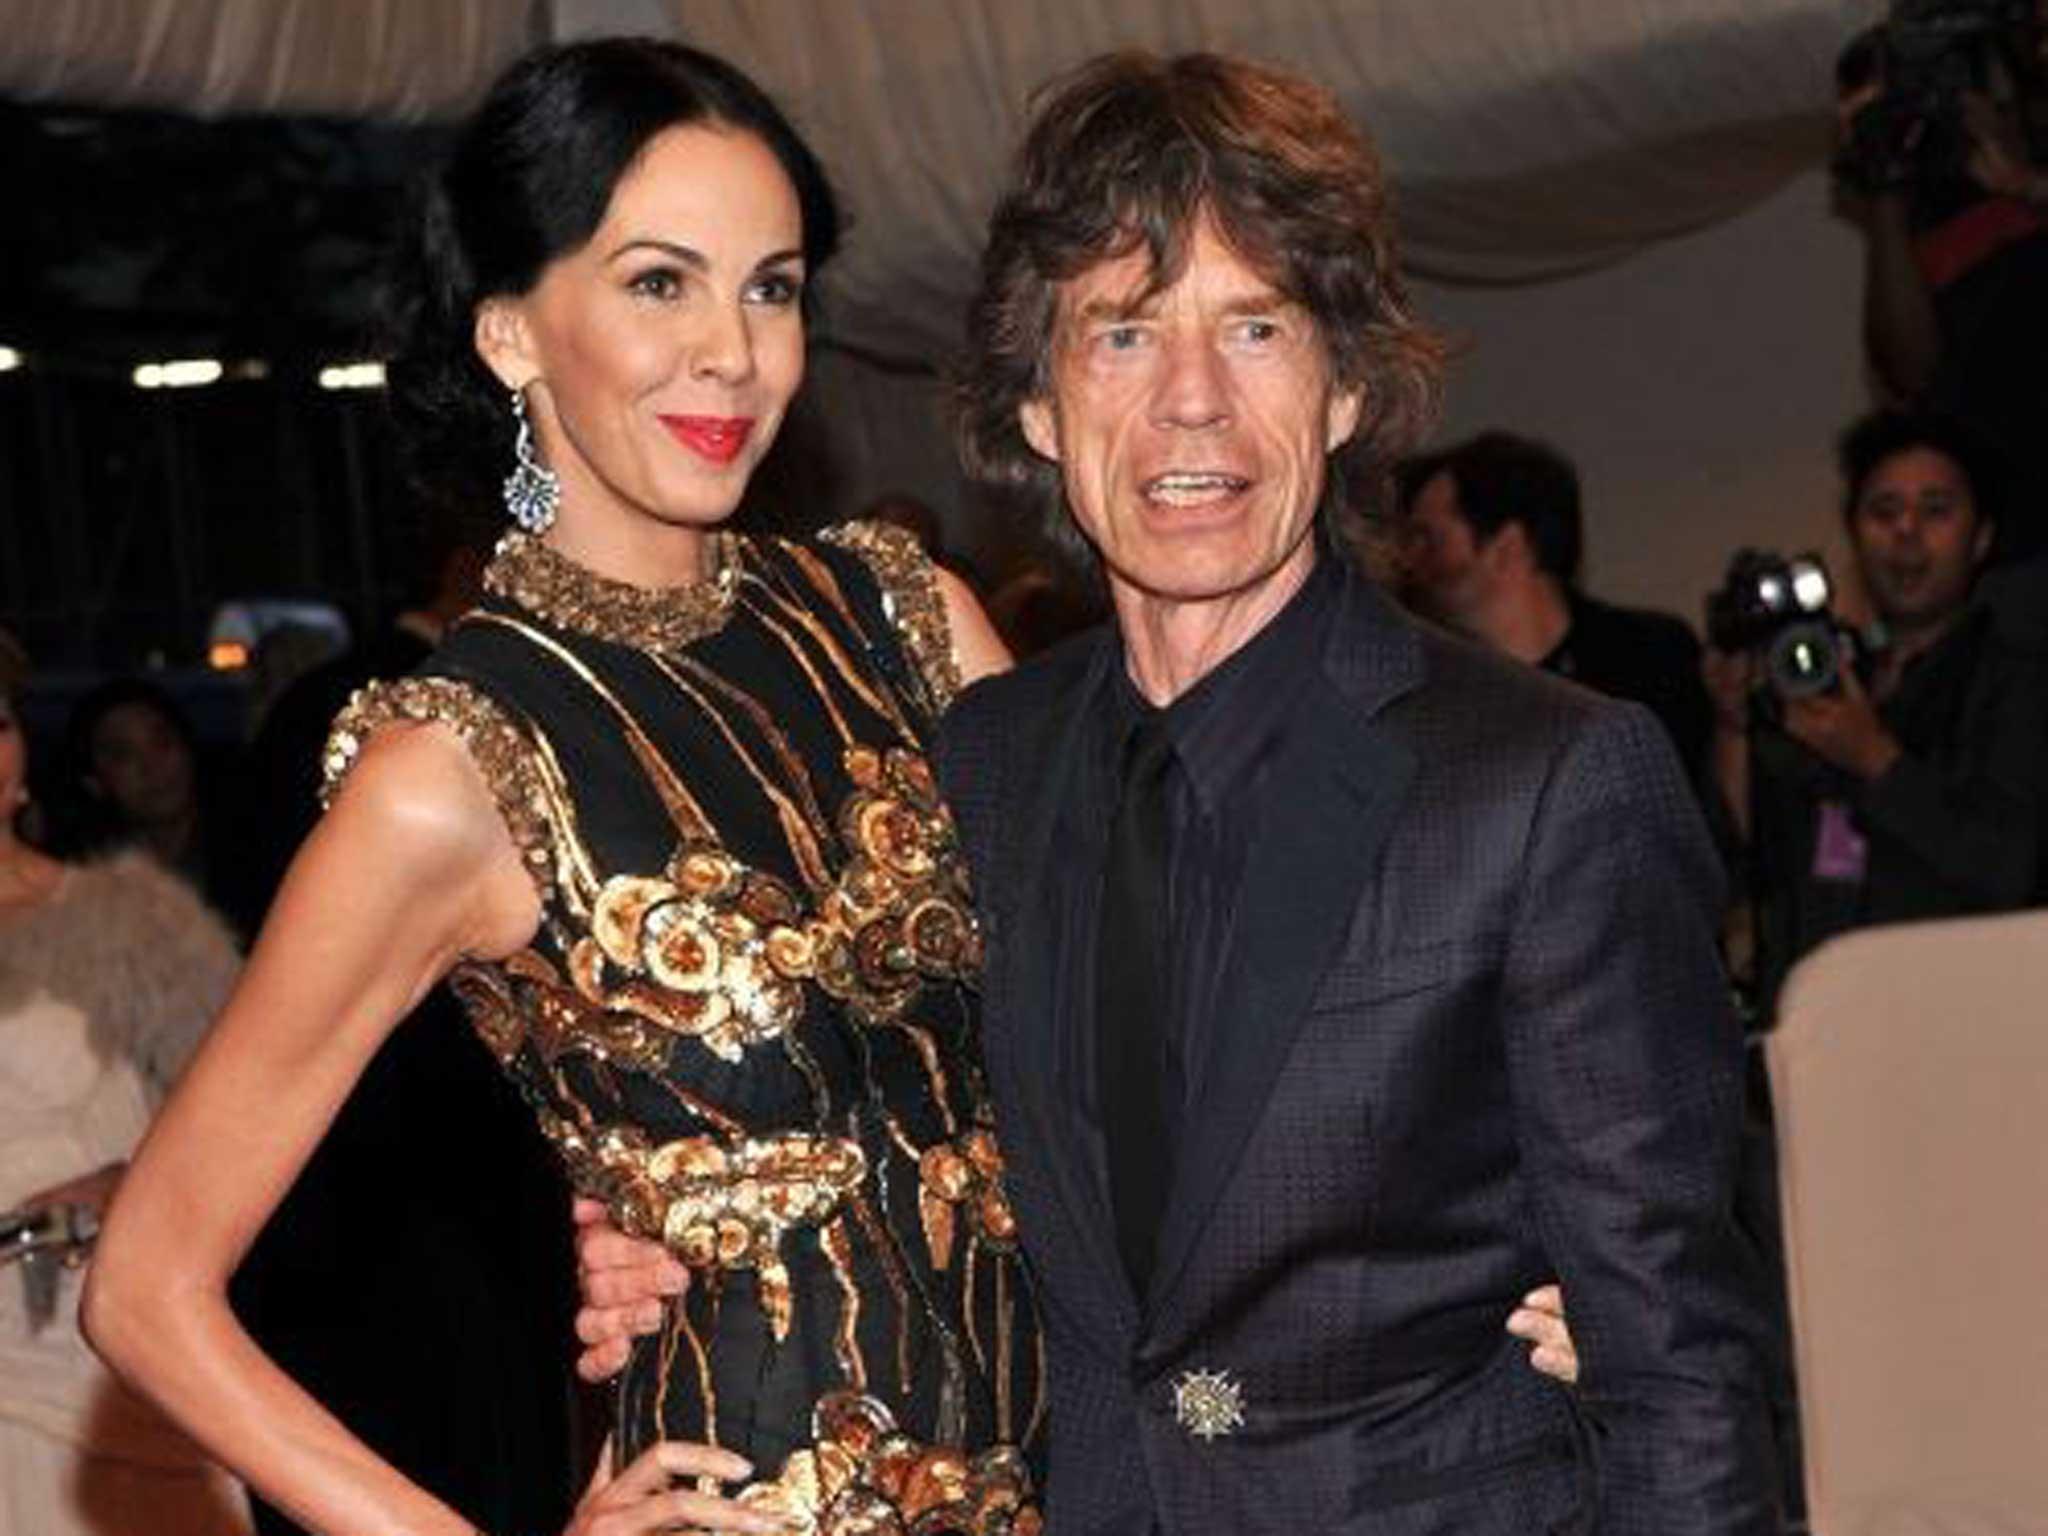 2019 year for women- Jagger mick starts lwren scott scholarship fund